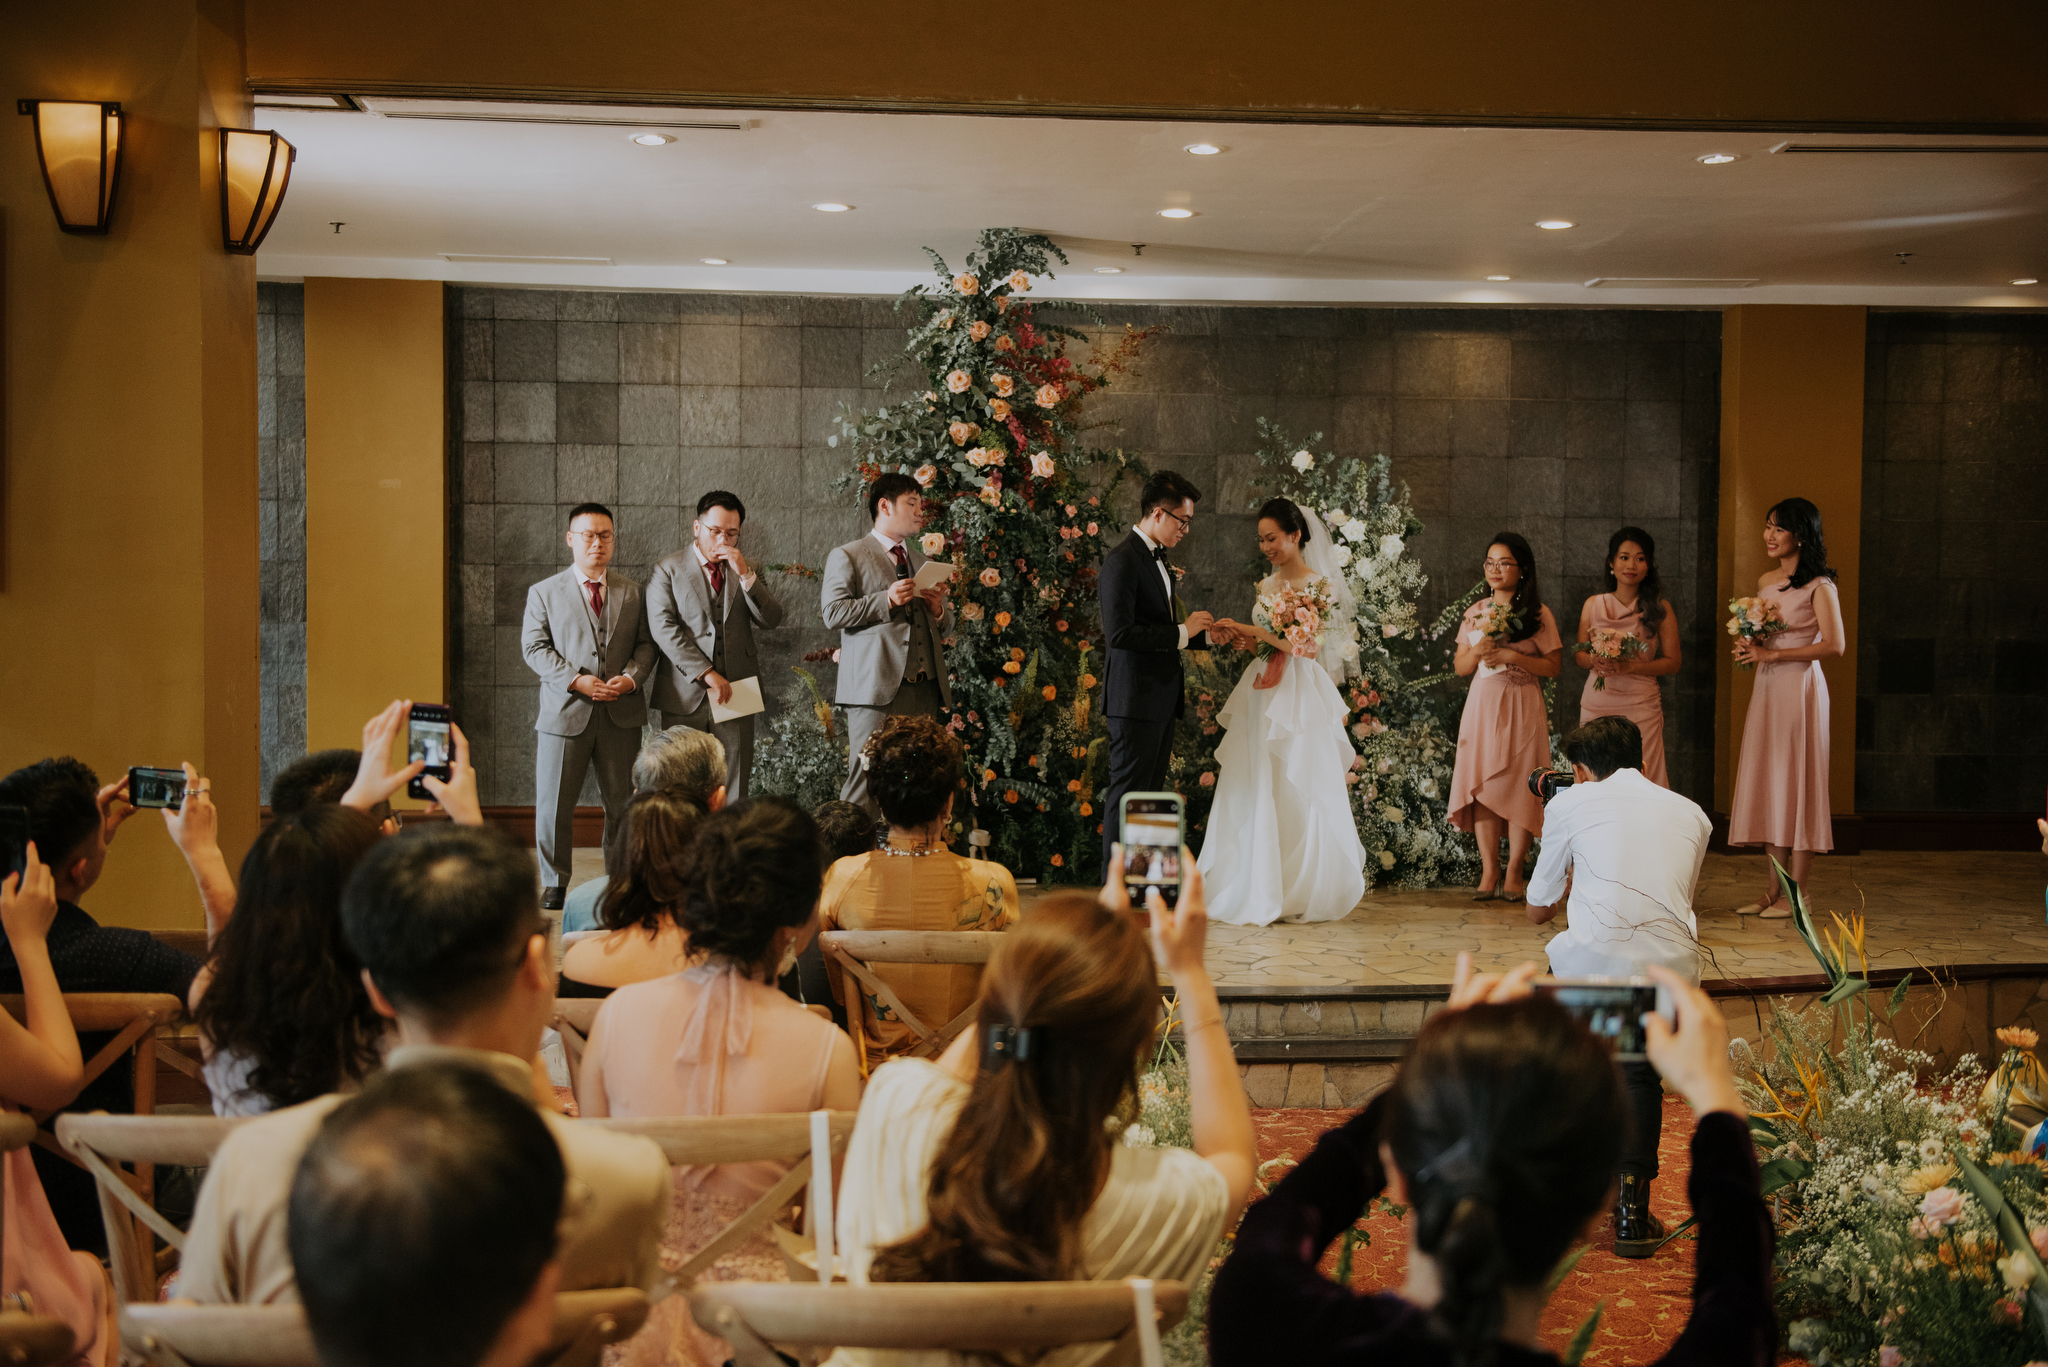 https://huk.s3.amazonaws.com/uploads/image/source/1406/Phuong-Diep-HN-Ceremony-1-0457.JPG